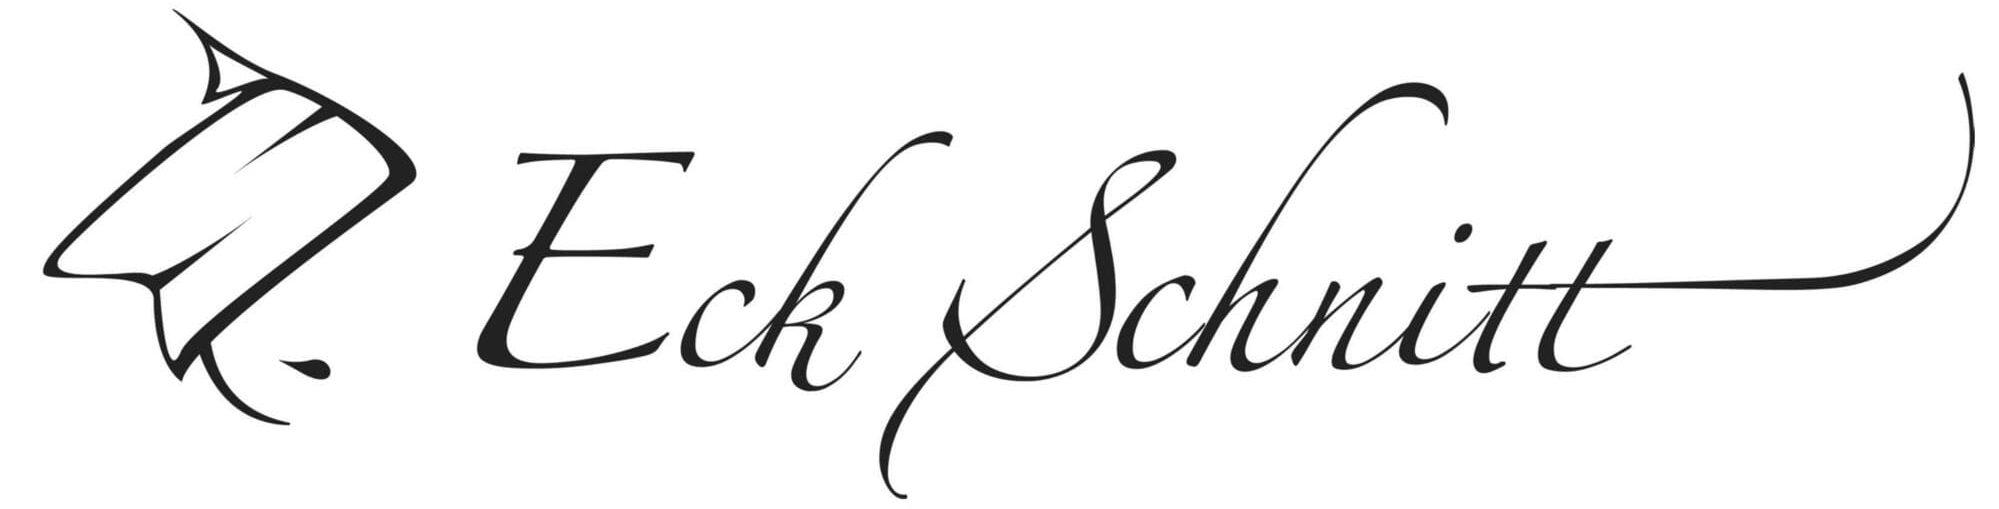 friseur-eckschnitt-prinzenvirtel-logo